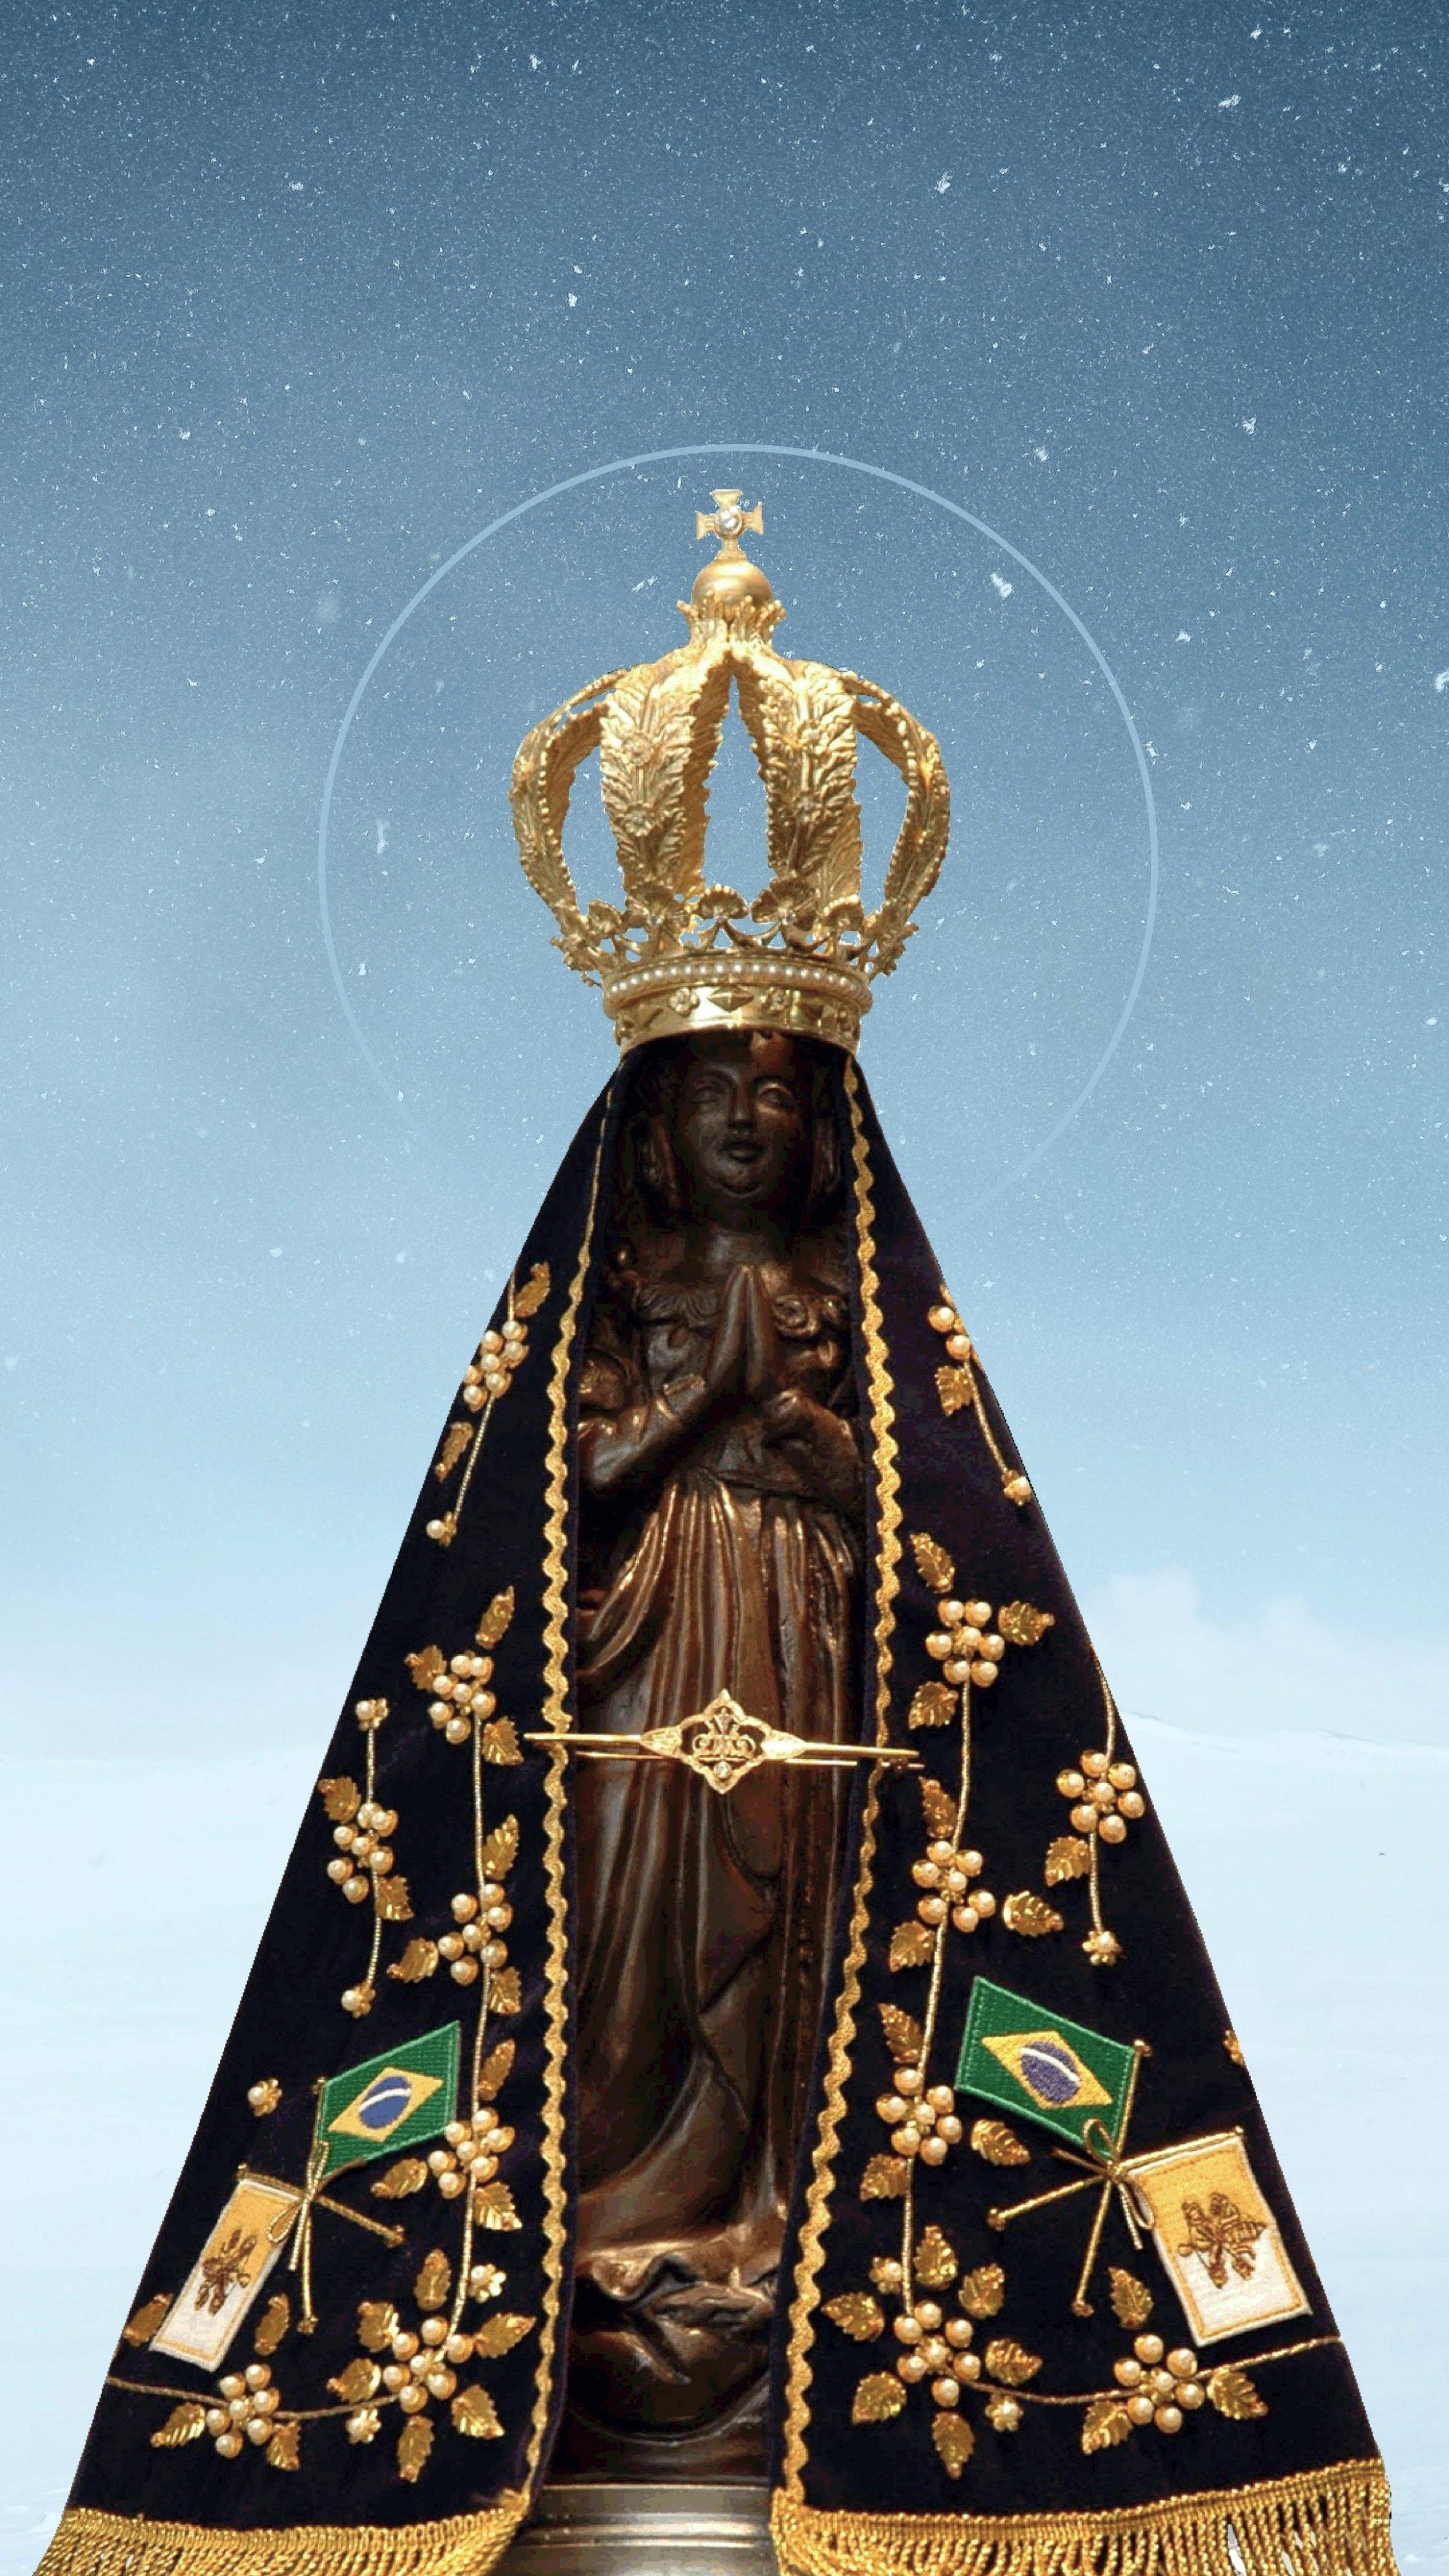 Wallpaper de Nossa Senhora Aparecida